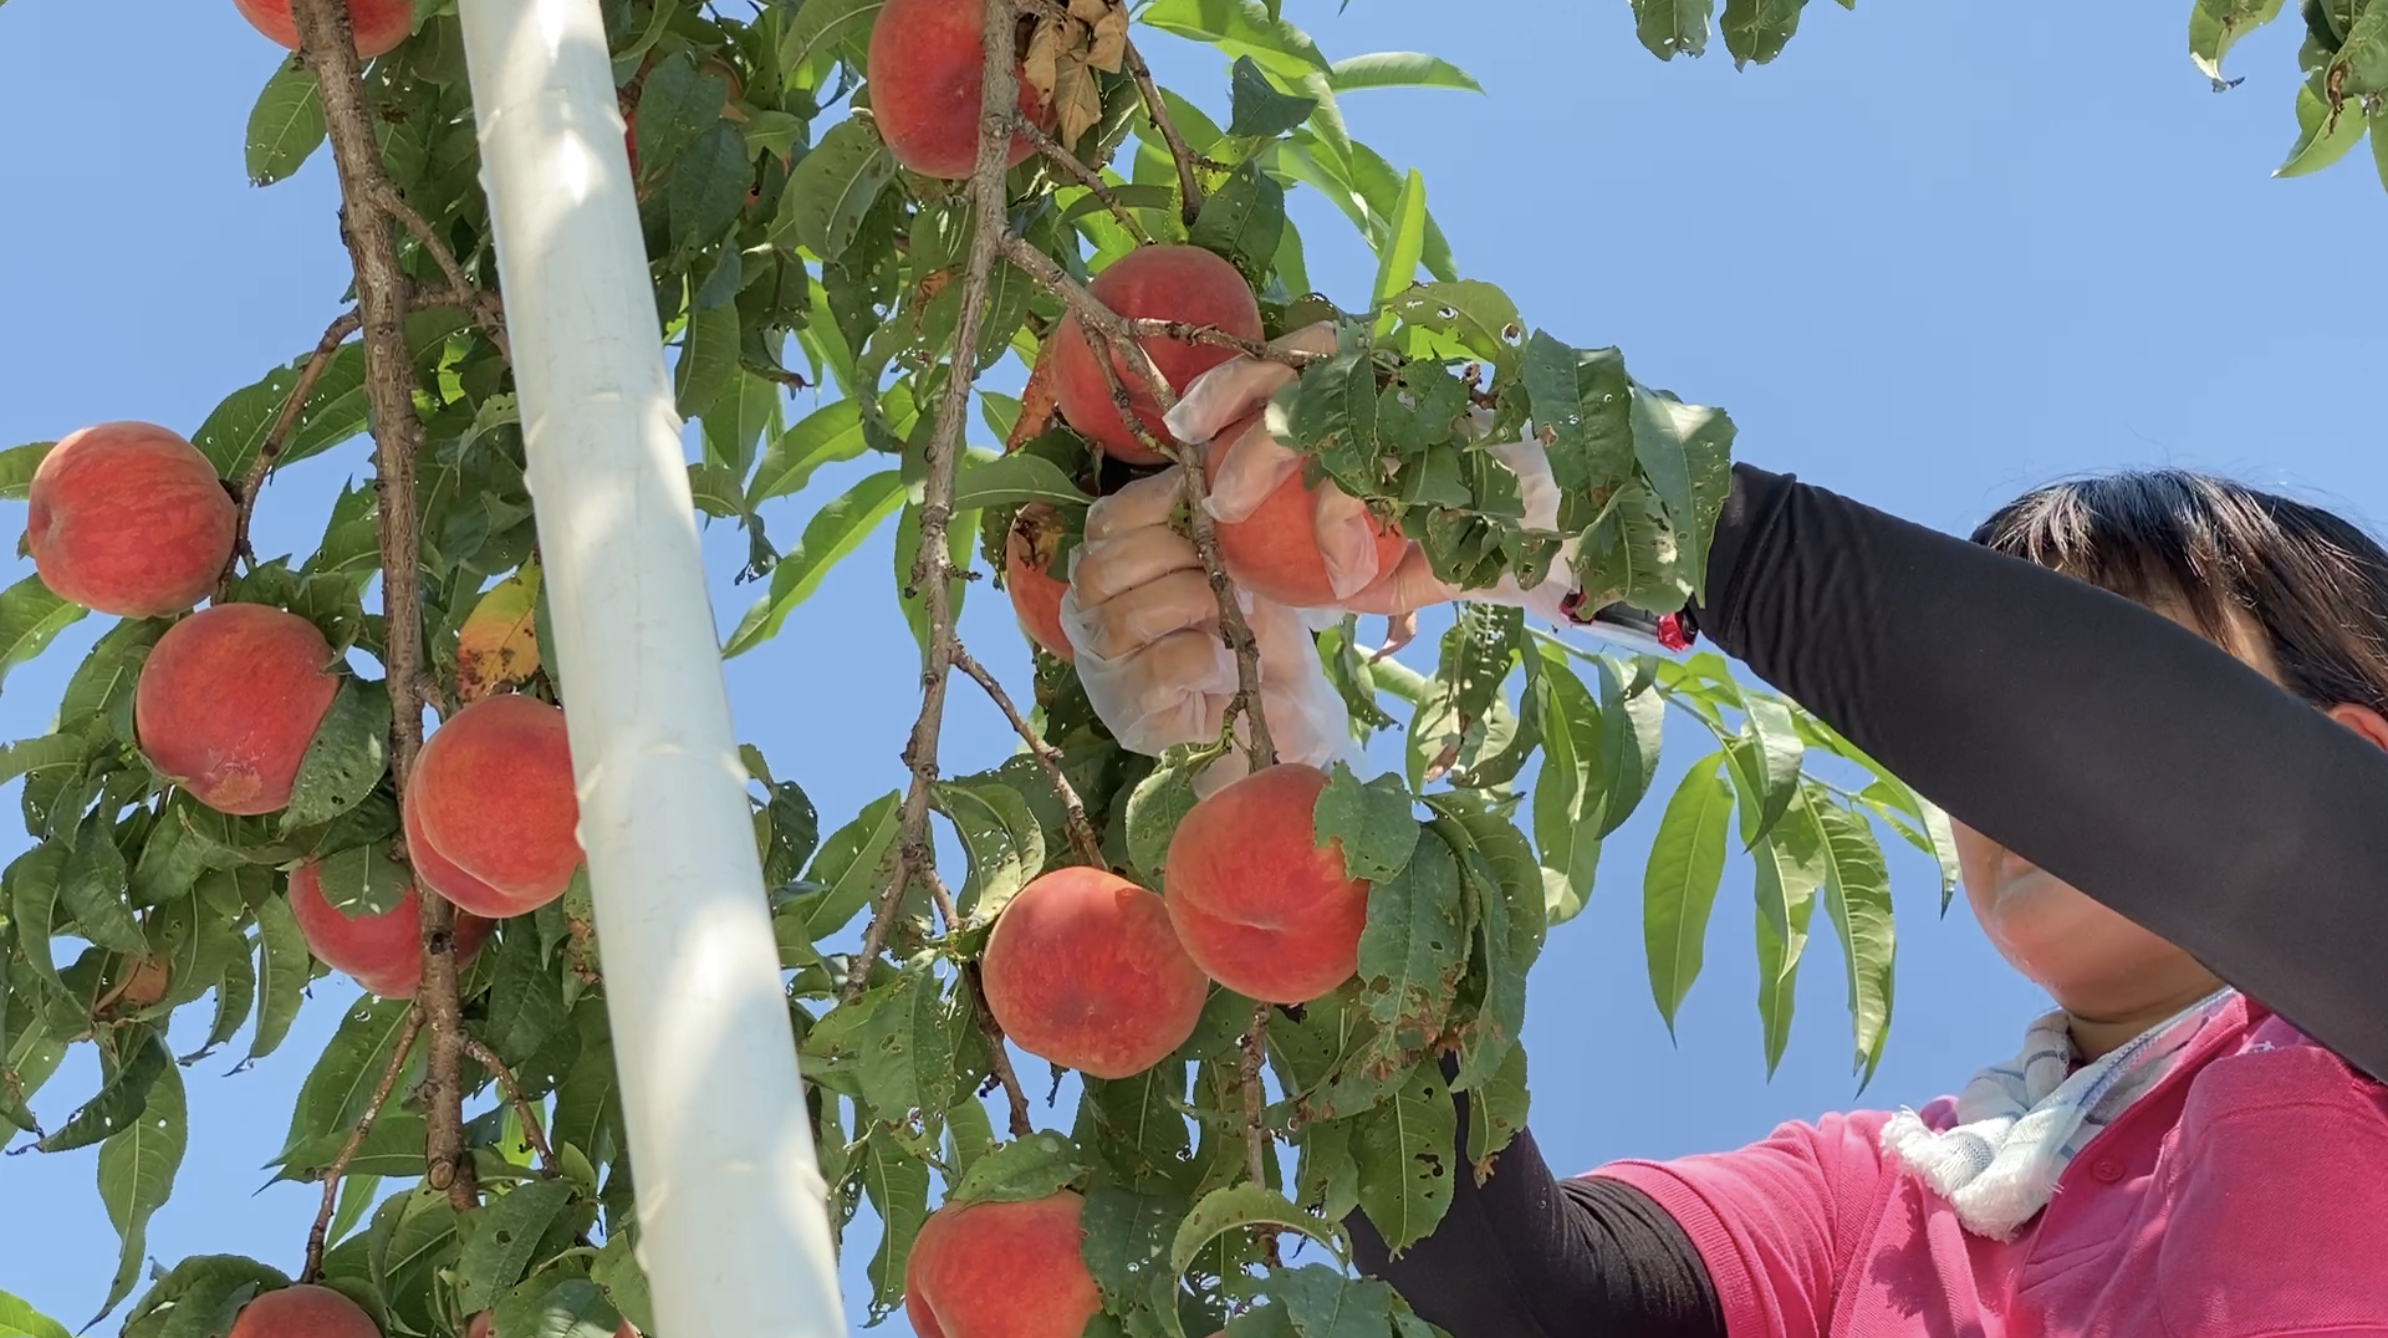 美味しい桃は「お尻」が違う?! 果樹園で聞く桃の見分け方